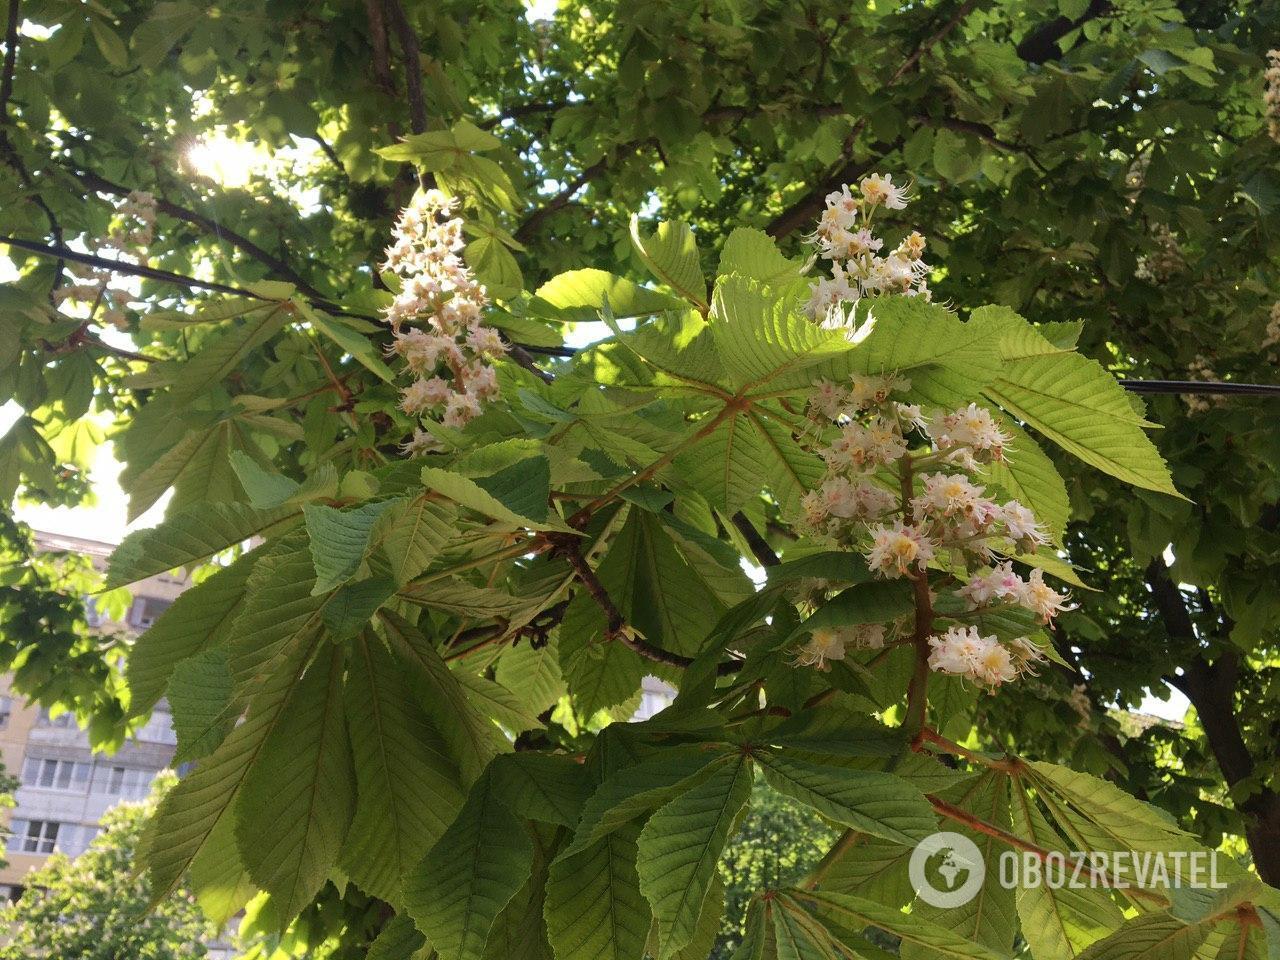 Днепр заполнен цветущими деревьями